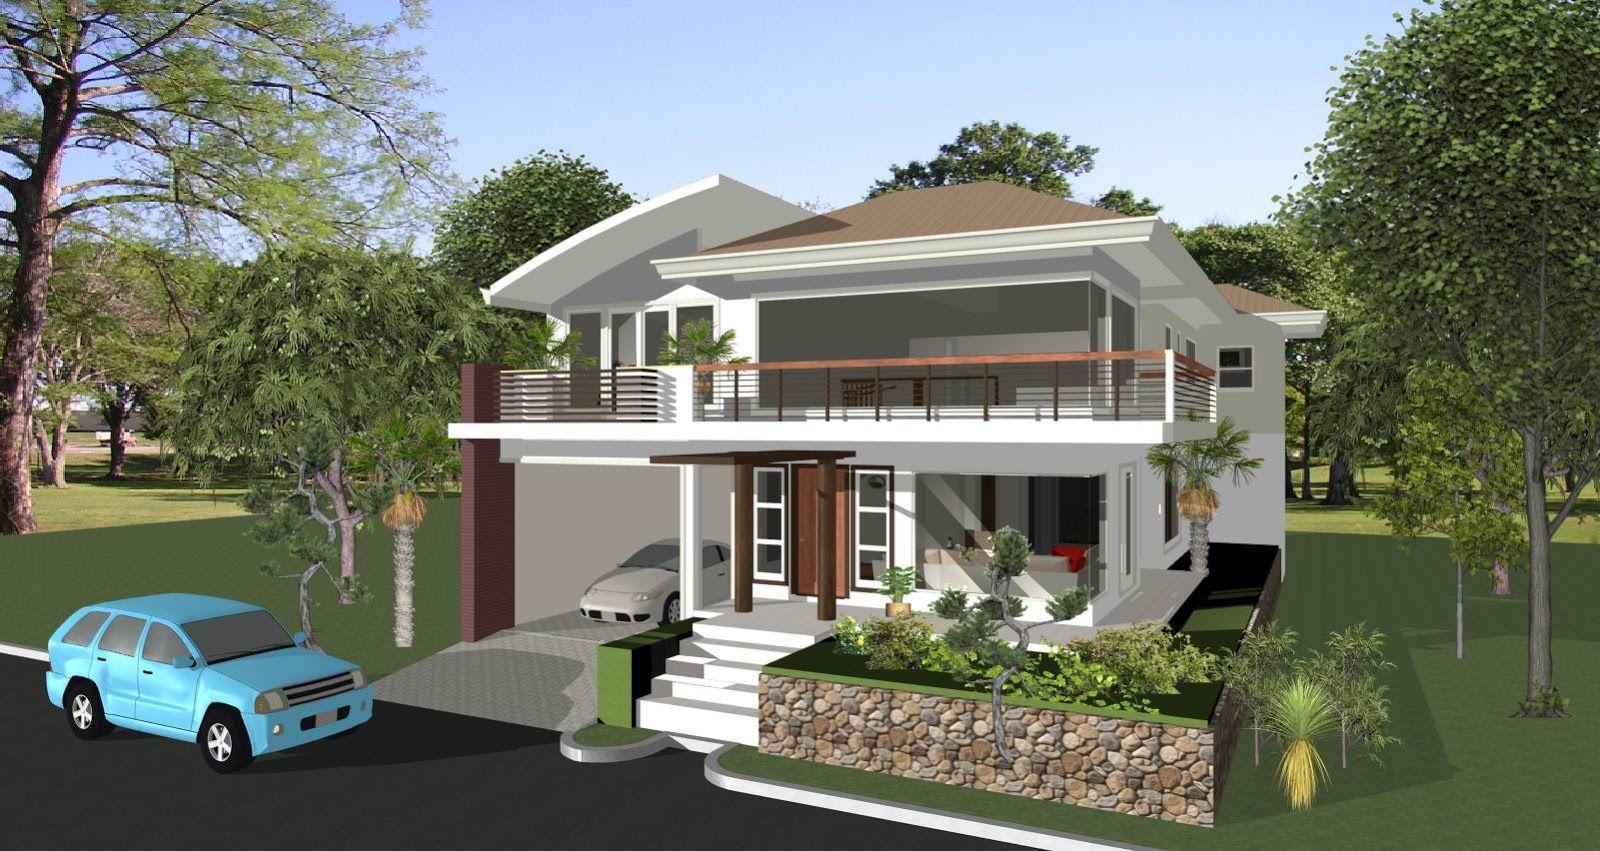 House Design Iloilo Philippine Home Philippines